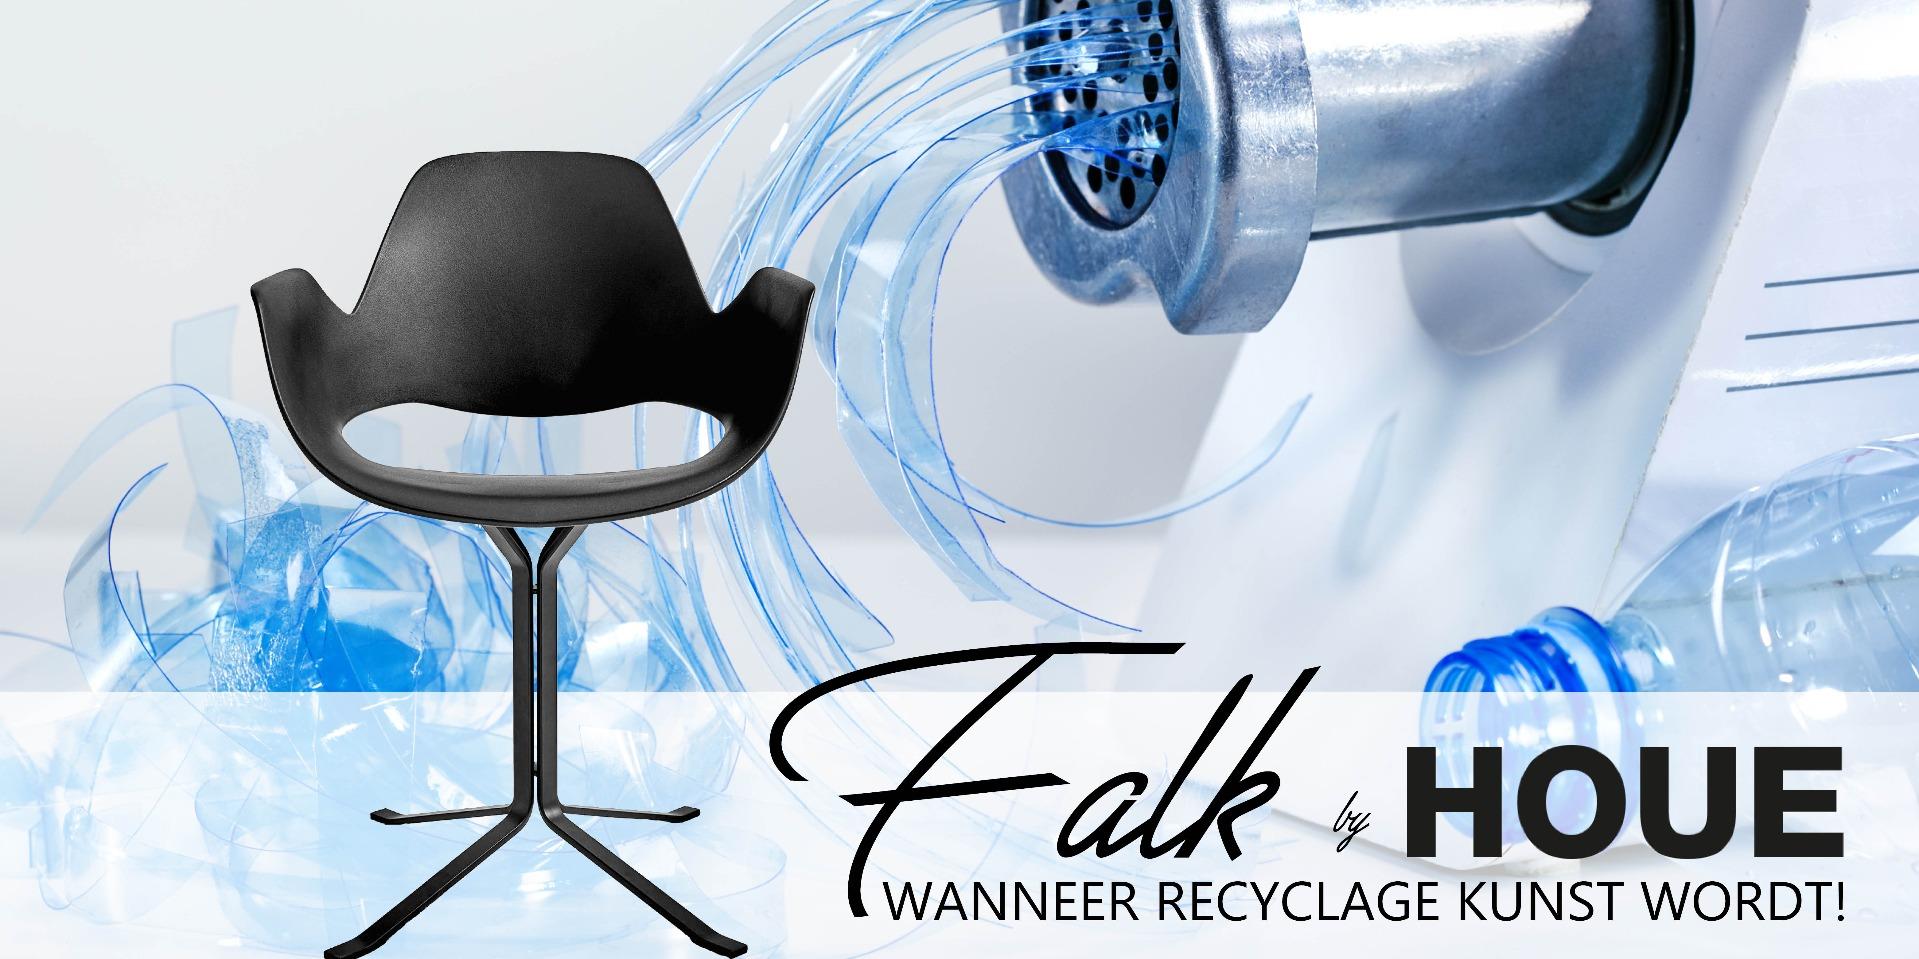 Falk van Houe: Wanneer recyclage kunst wordt! 1